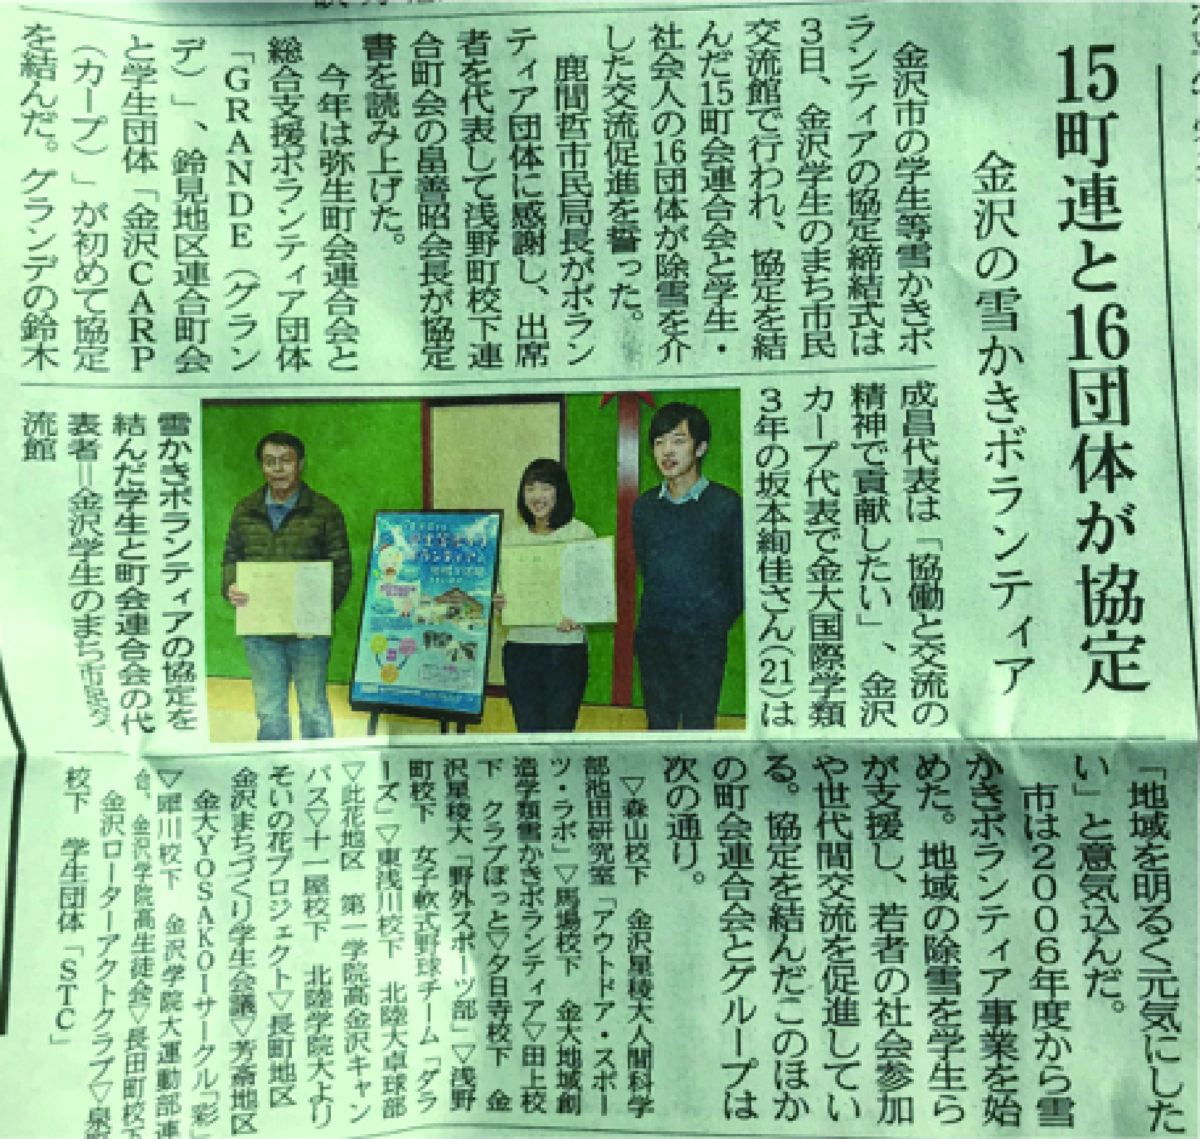 12月4日【月】北國新聞朝刊にて掲載されました(^-^)/